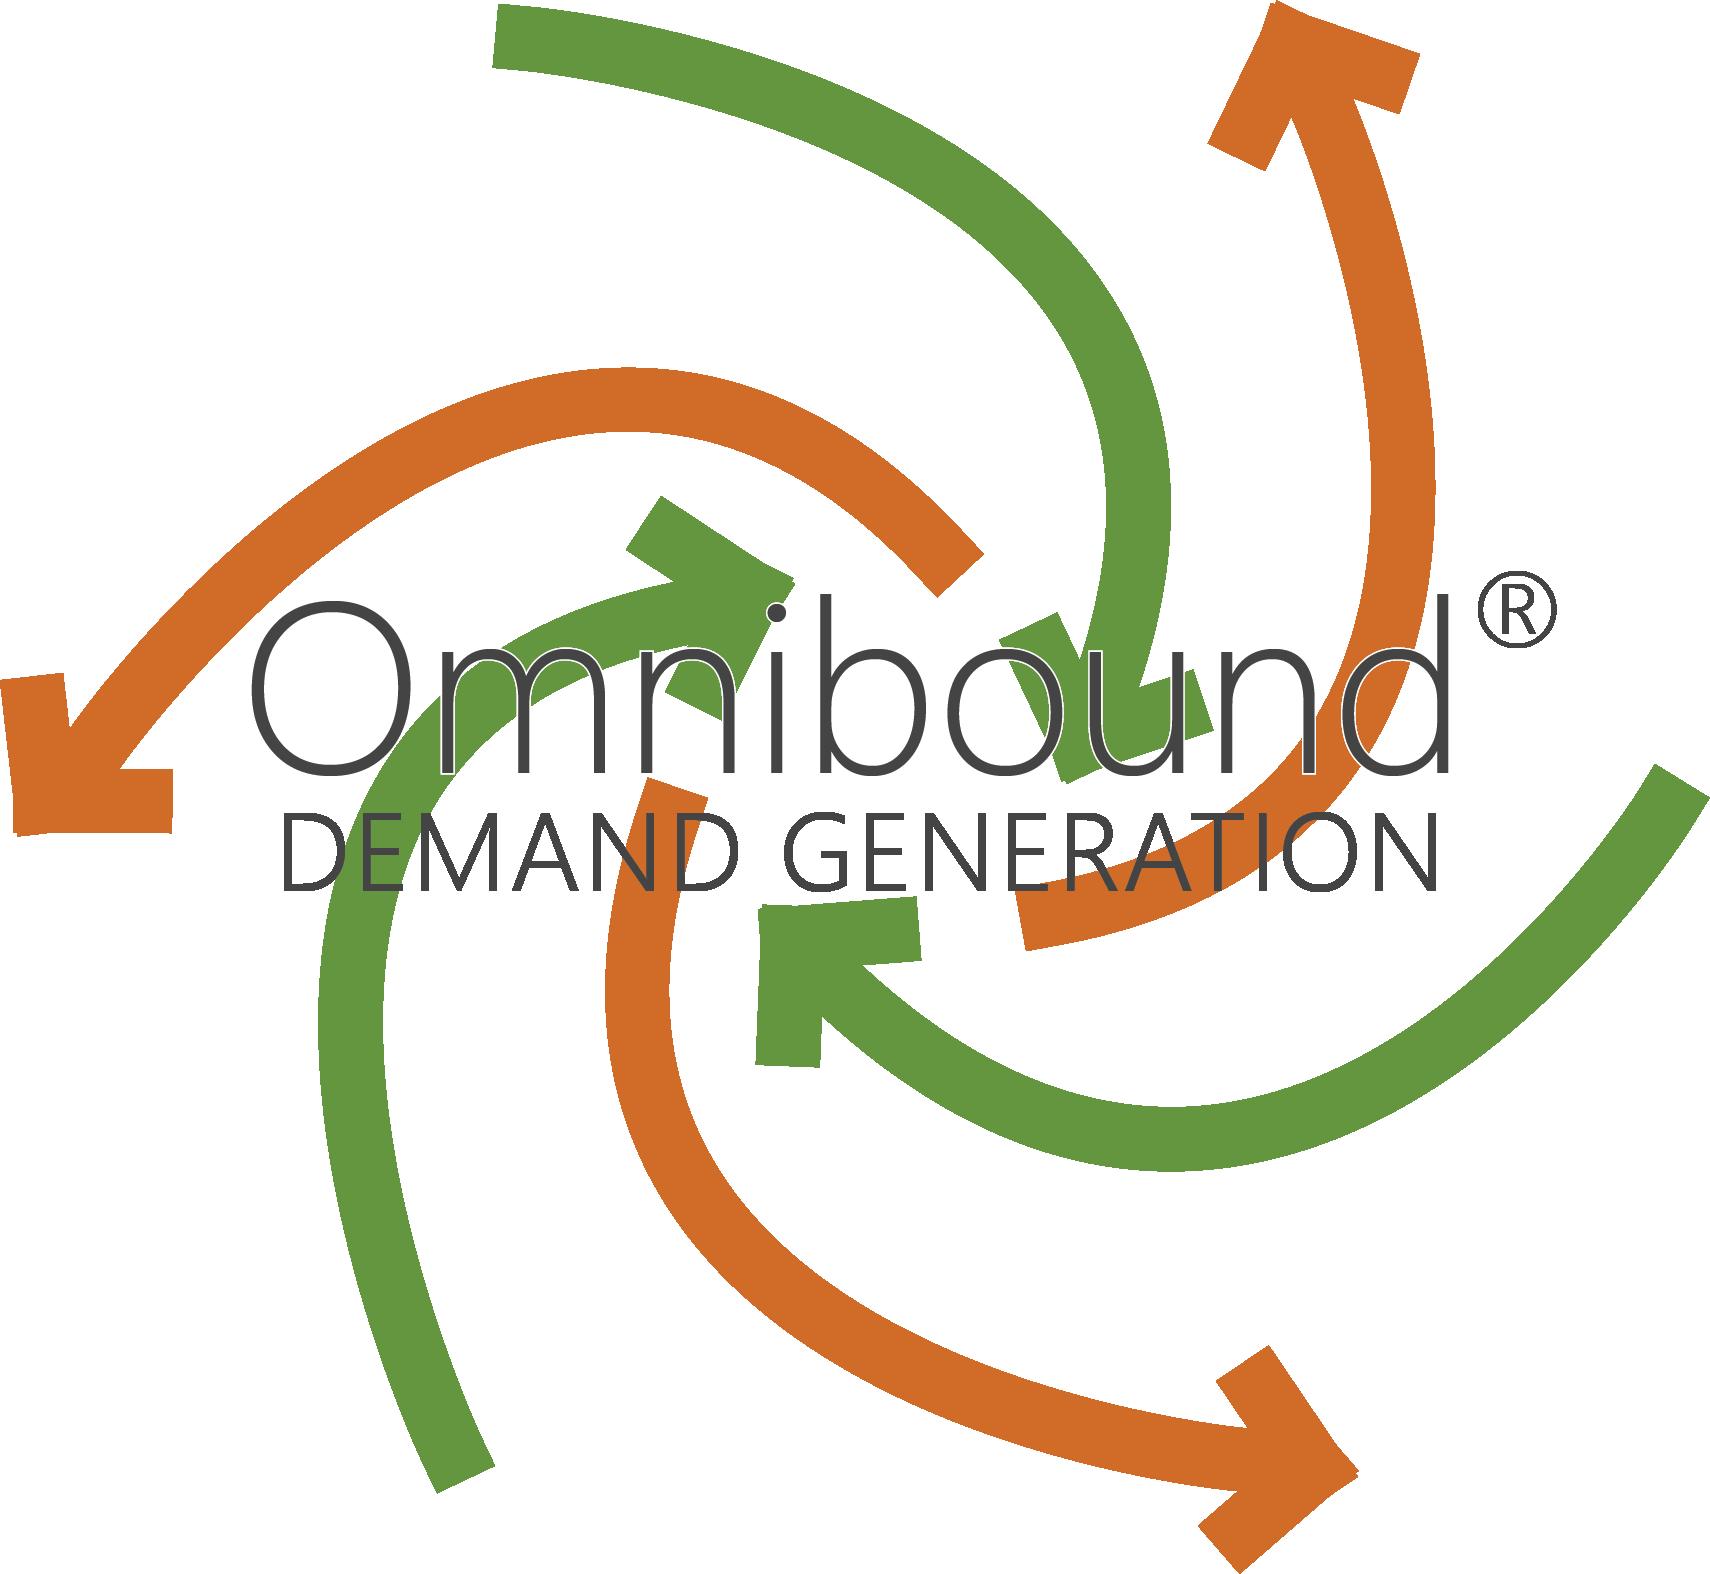 Omnibound® Demand Generation